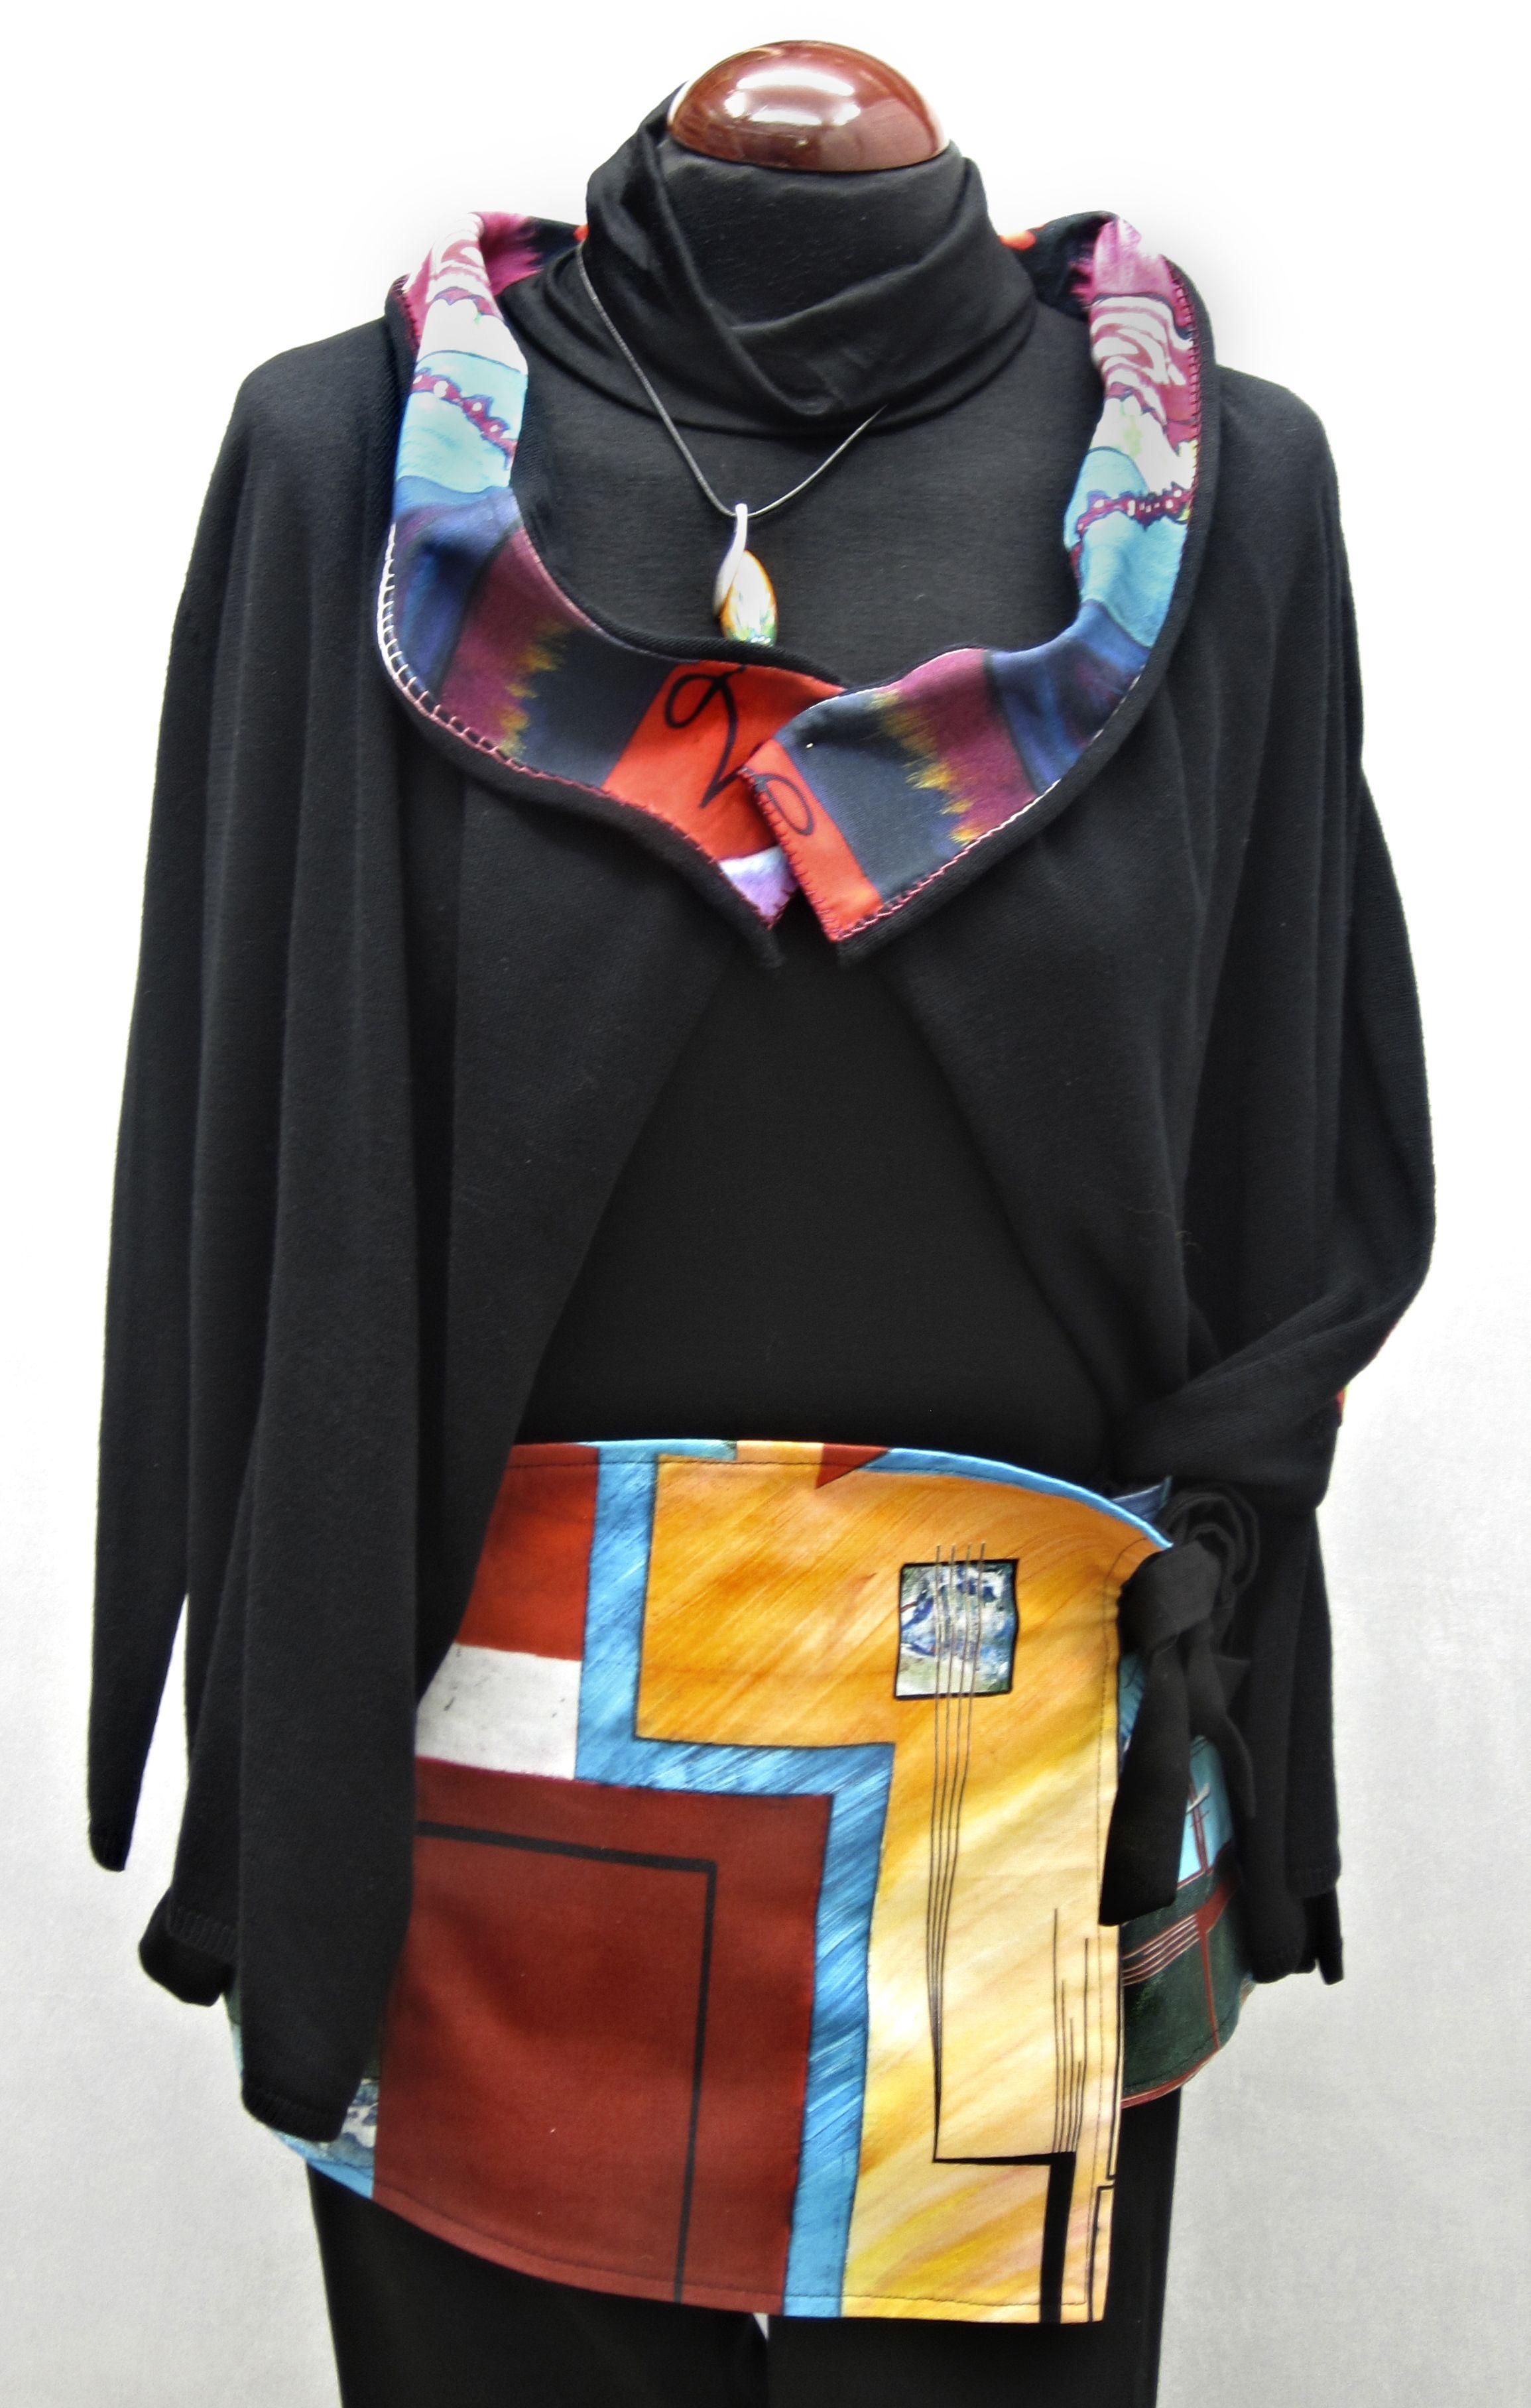 Chaqueta y falda diseñadas por Maite Cobo de la colección Vas hecha un cuadro